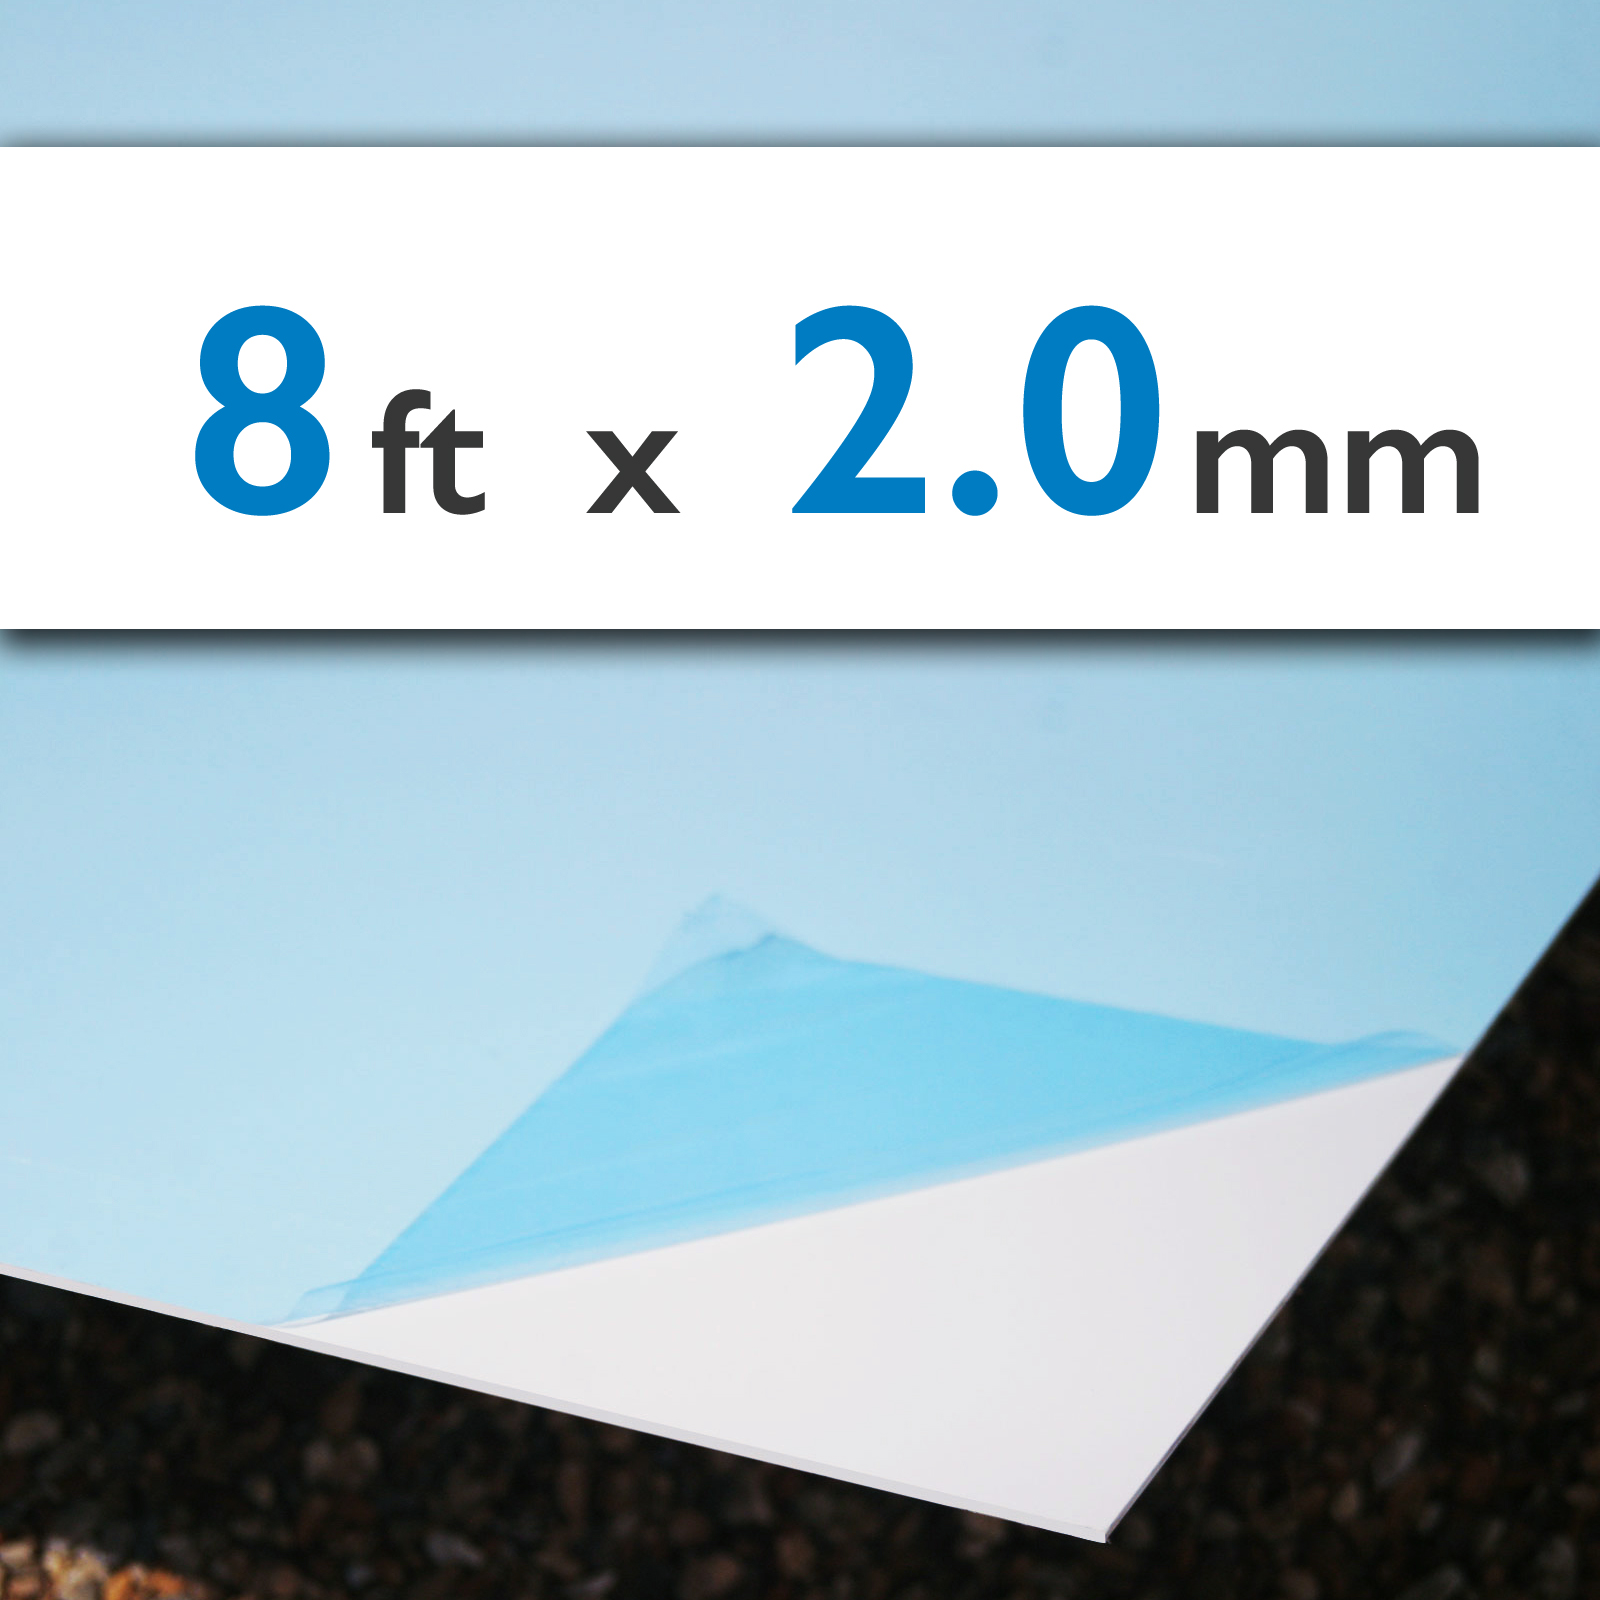 uPVC Cladding Sheet 2.44m x 1.22m x 2.0mm